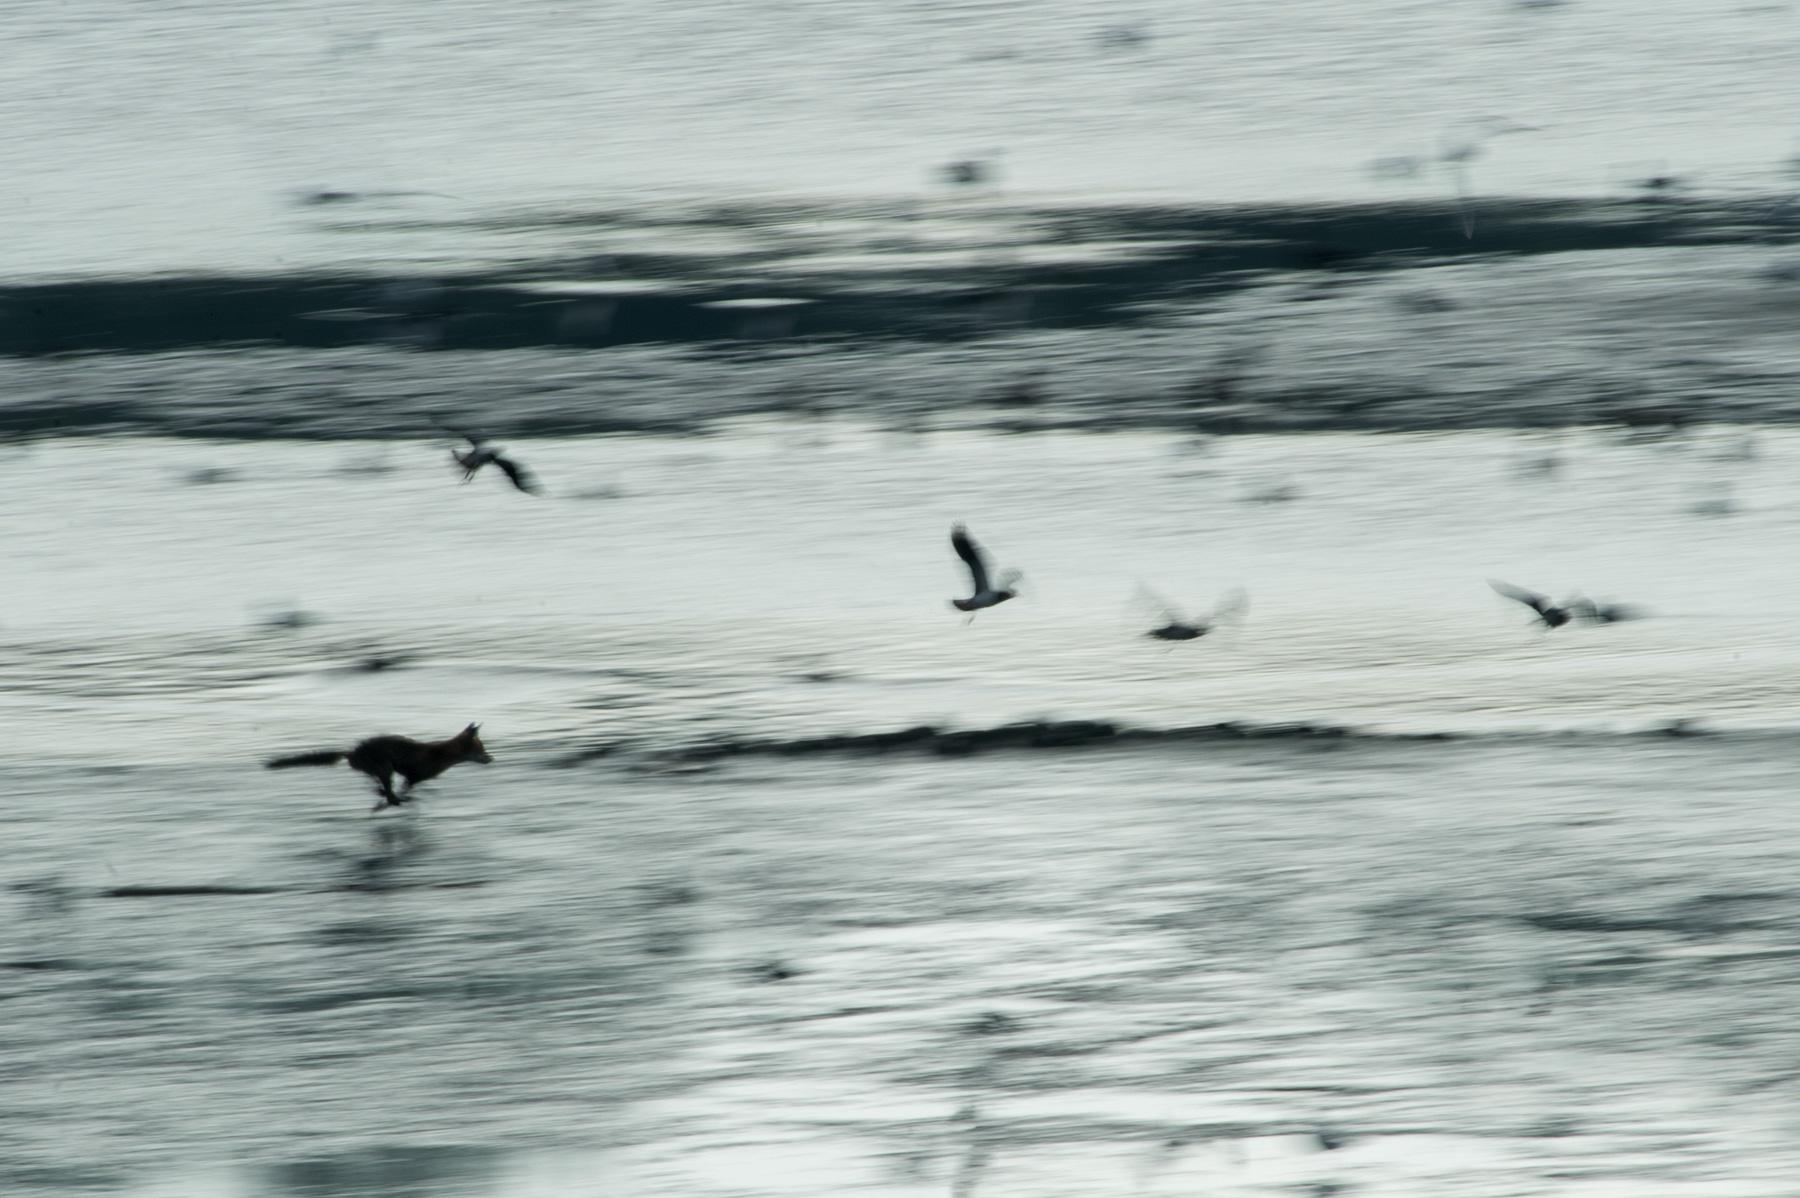 Jagdversuch eines Fuchses auf Kiebitze im seichten Wasser eines Feuchtgebietes, leider erfolglos.